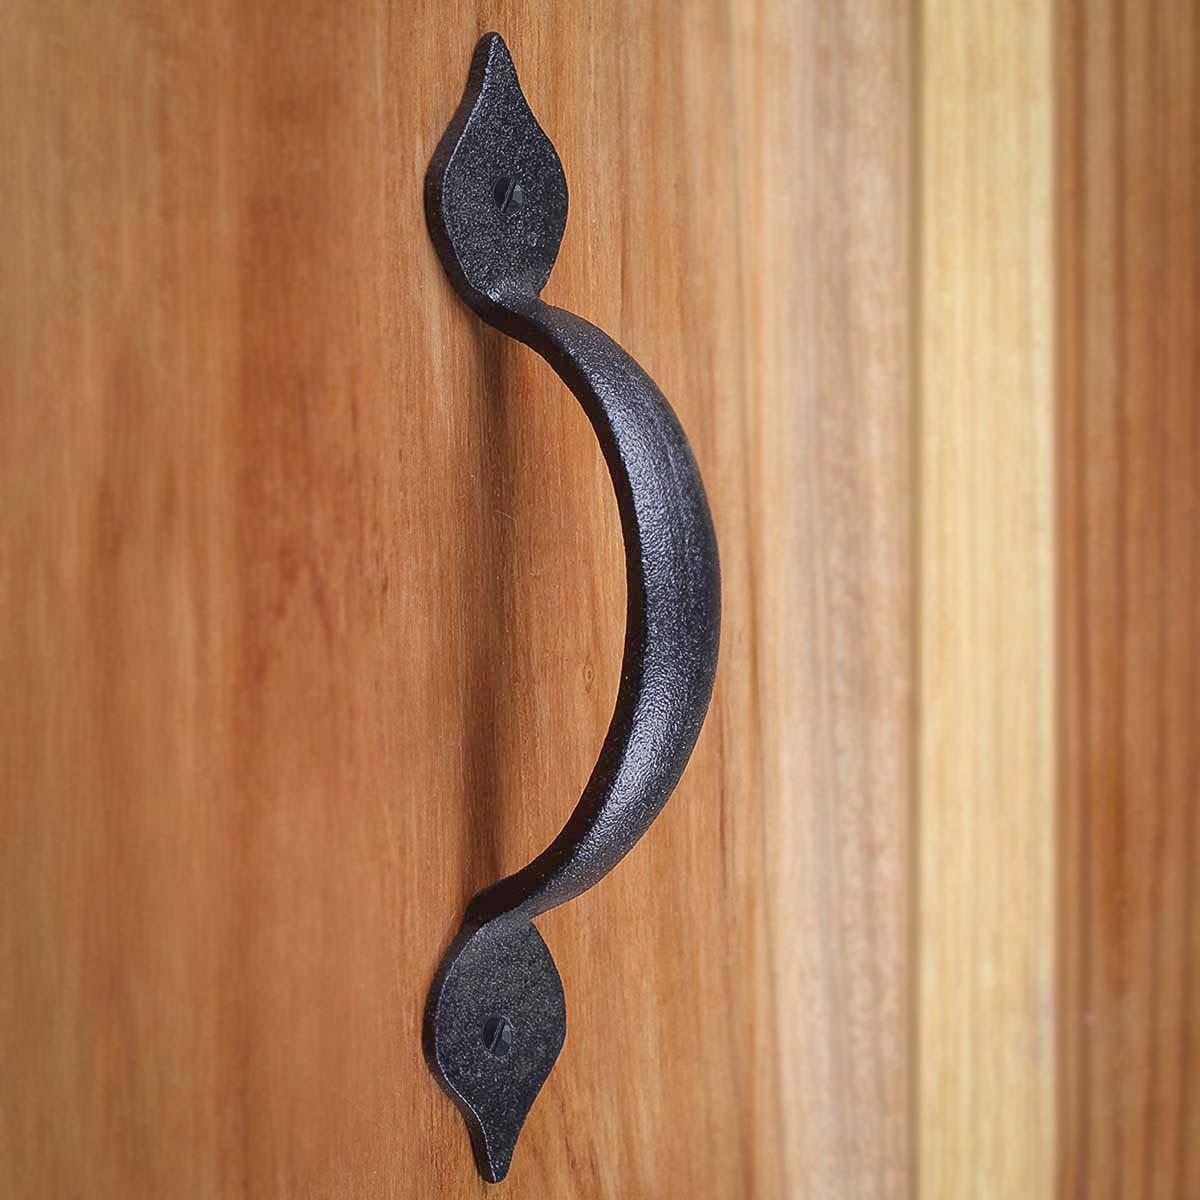 6 Spear Door or Drawer Pull Black Wrought Iron 5 12 Door Pull Door Pulls